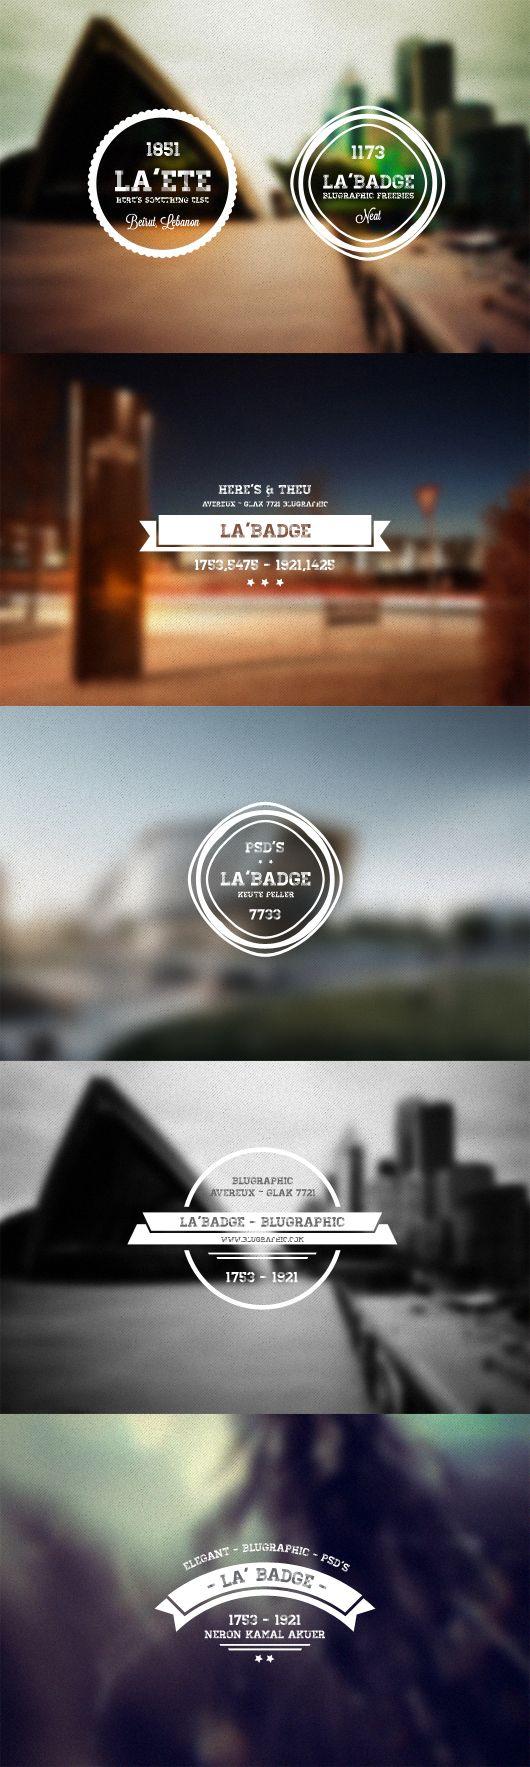 5 Photo Neat Retro Badges (PSD)